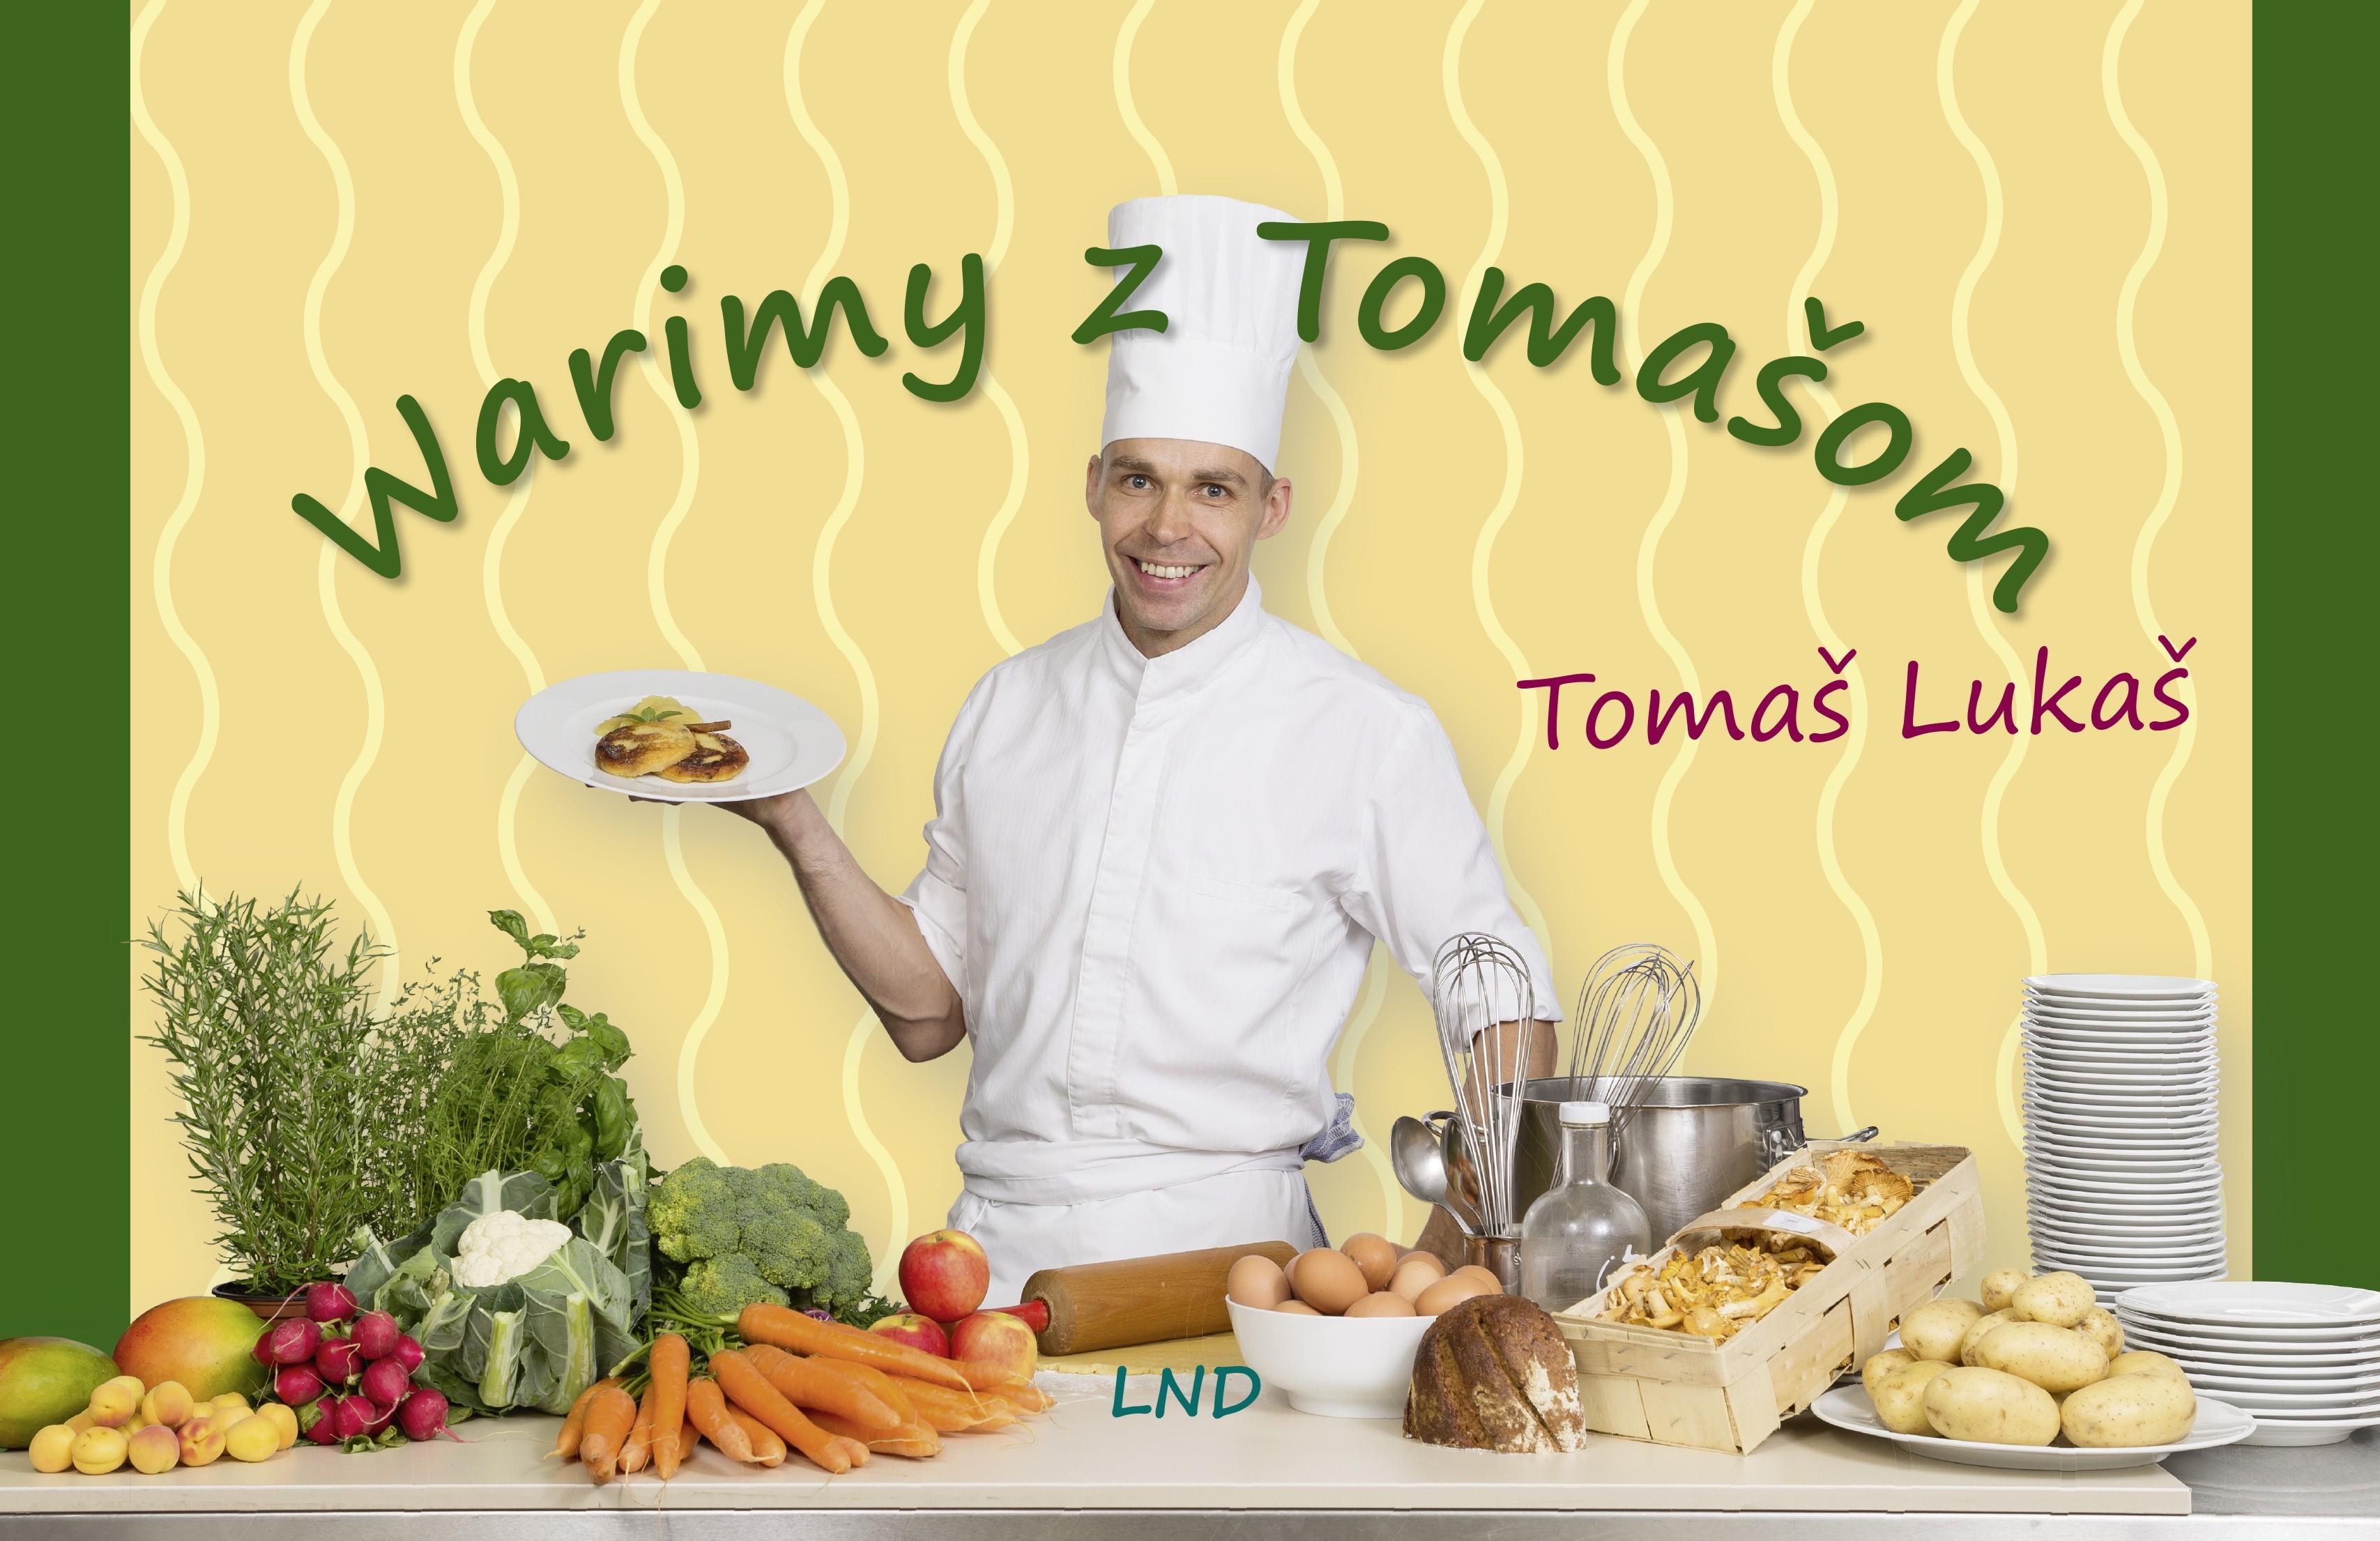 Warimy z Tomašom